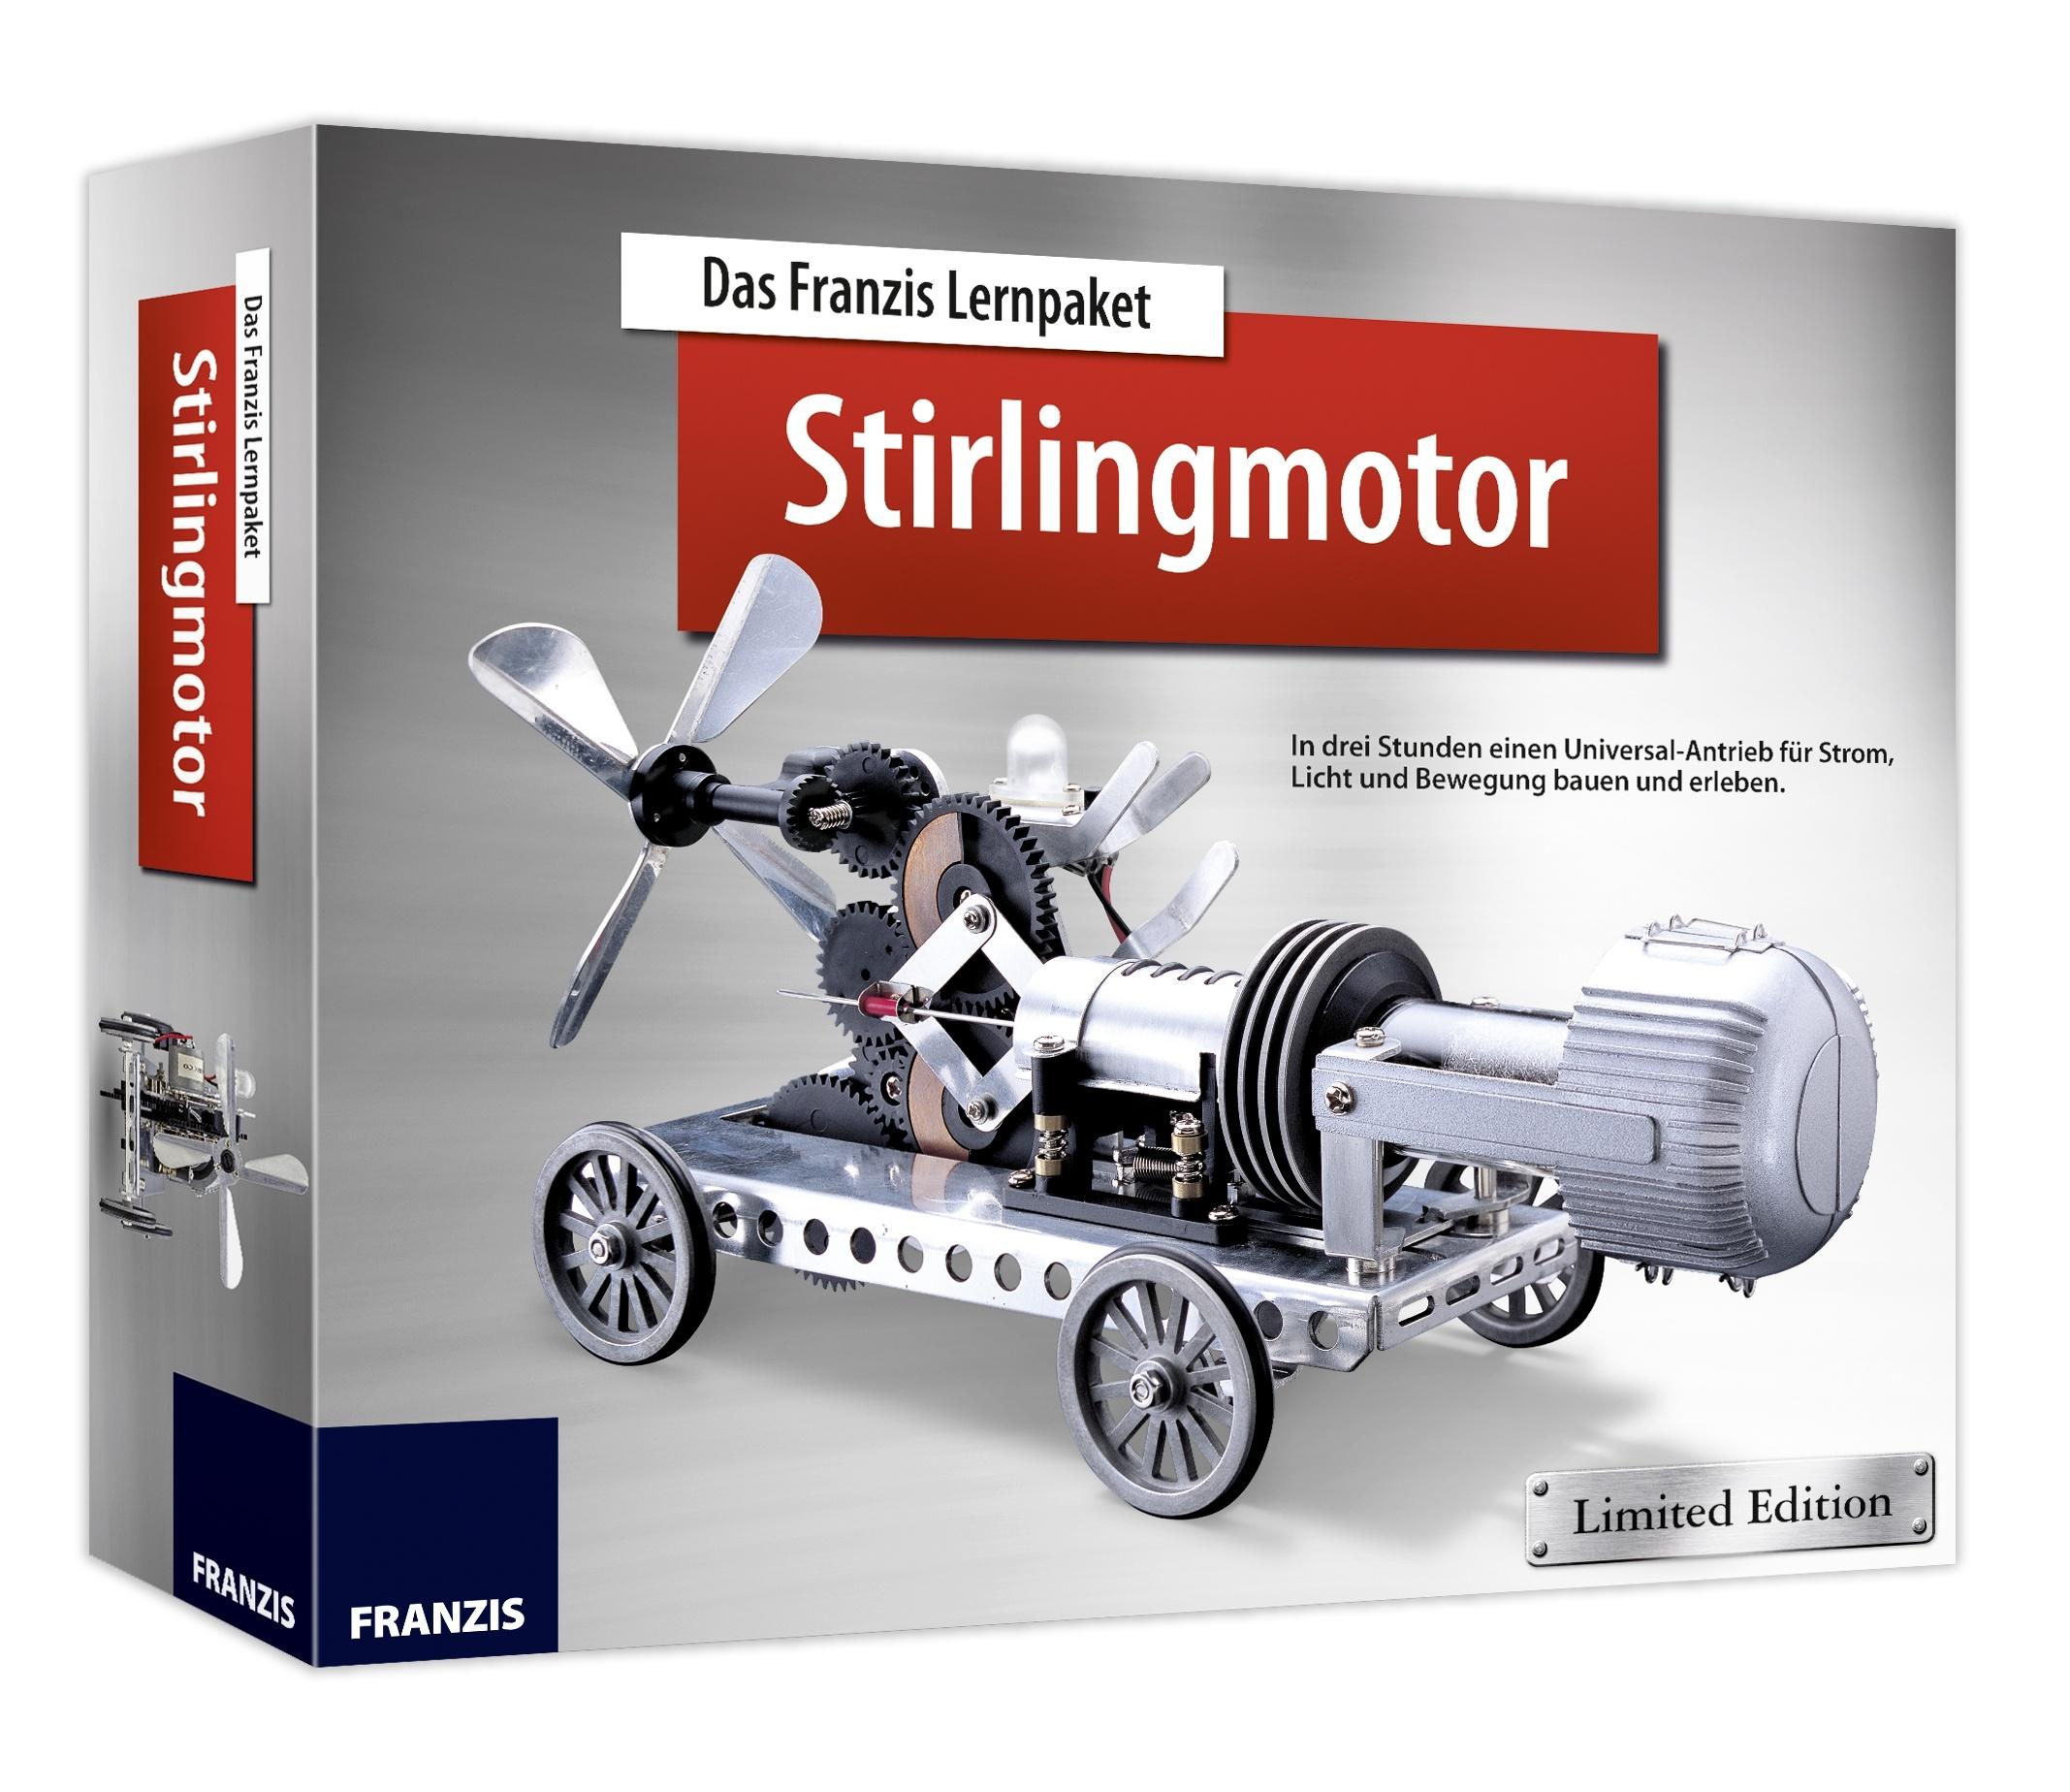 Was zum Teufel ist ein Stirlingmotor? (Foto: Franzis)